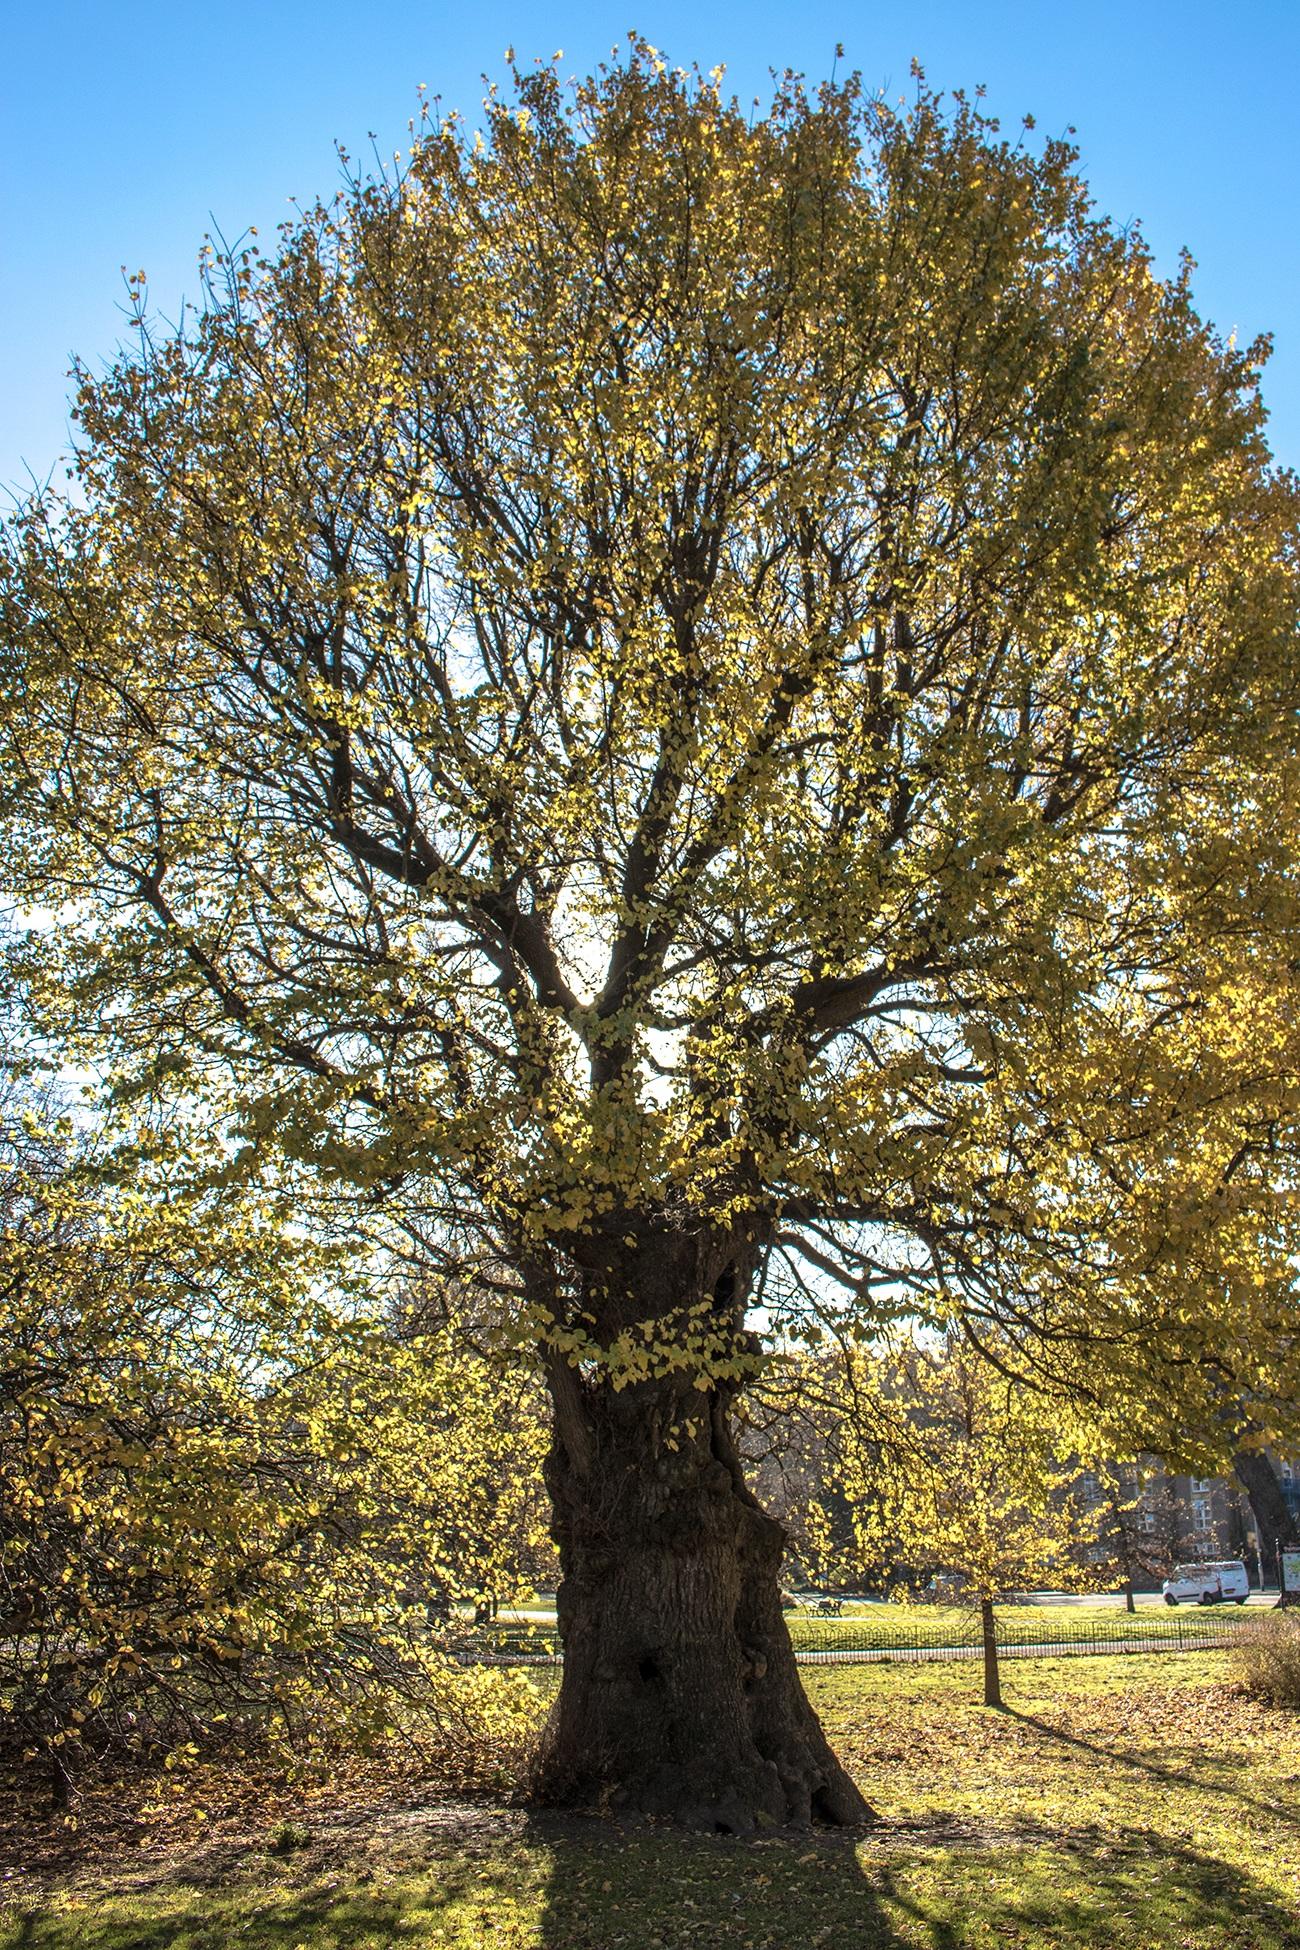 images gratuites arbre branche feuille l 39 automne botanique feuilles caduques ch ne. Black Bedroom Furniture Sets. Home Design Ideas